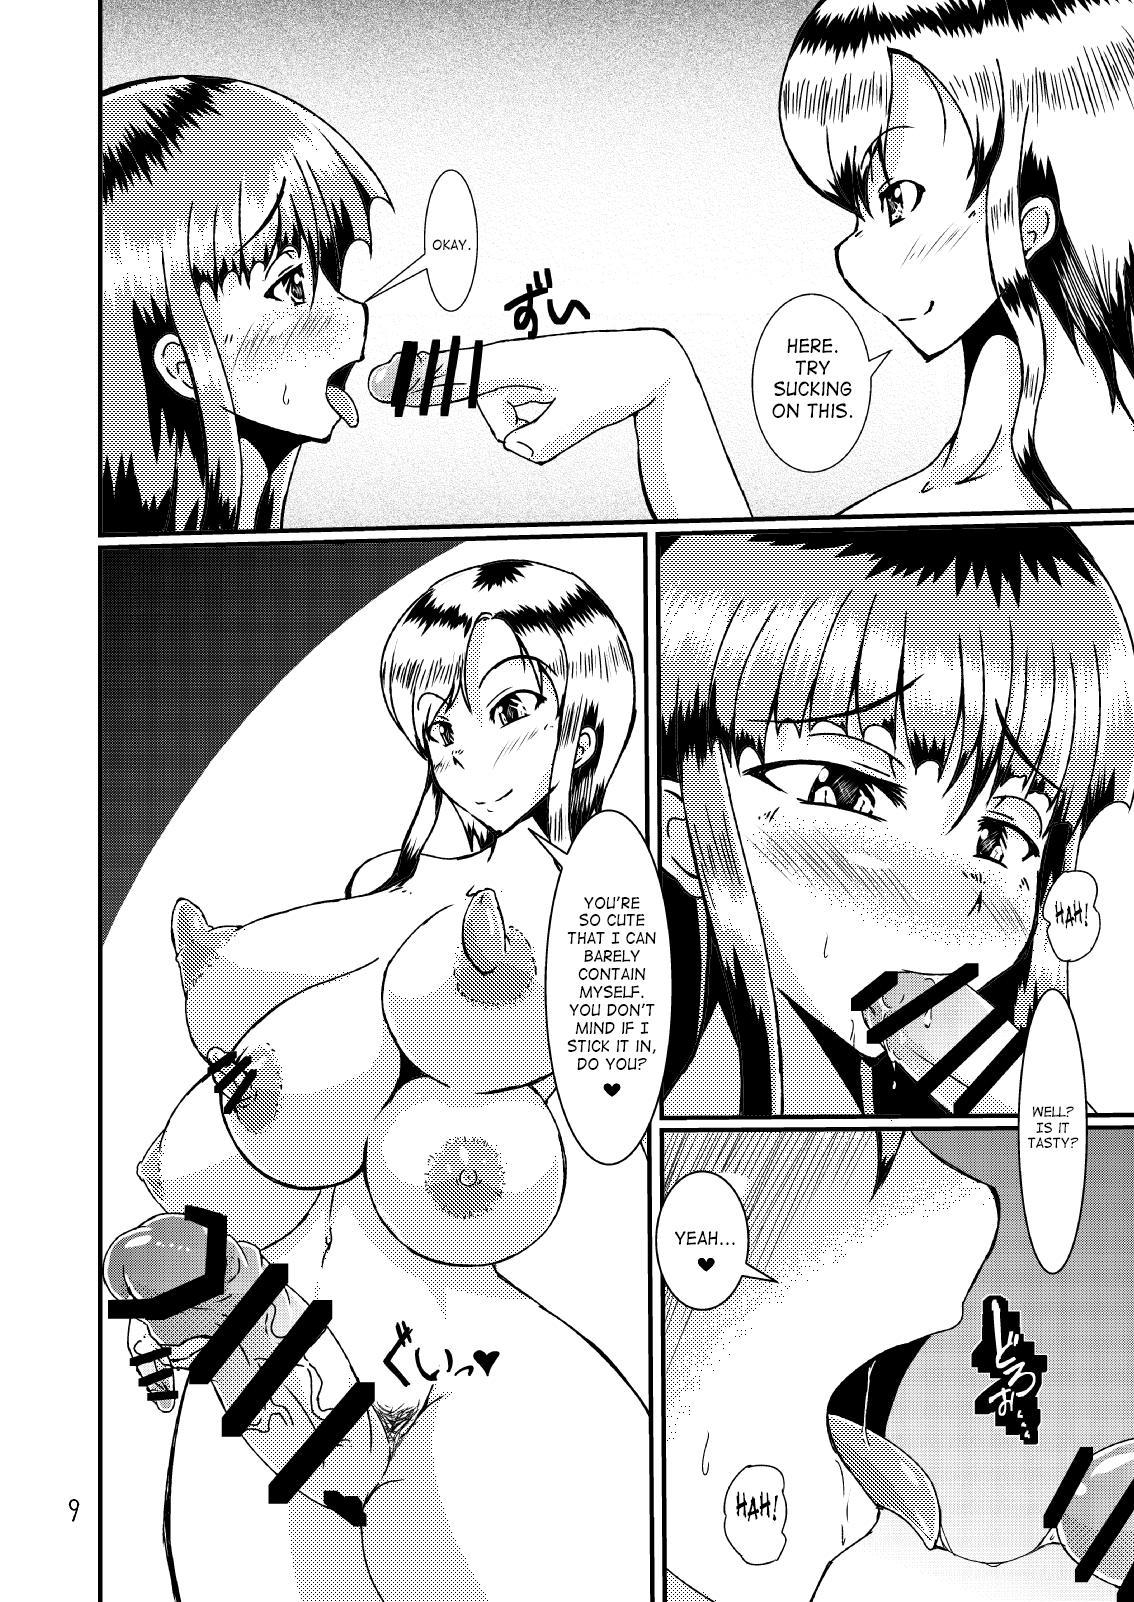 Watashi to Sensei 8